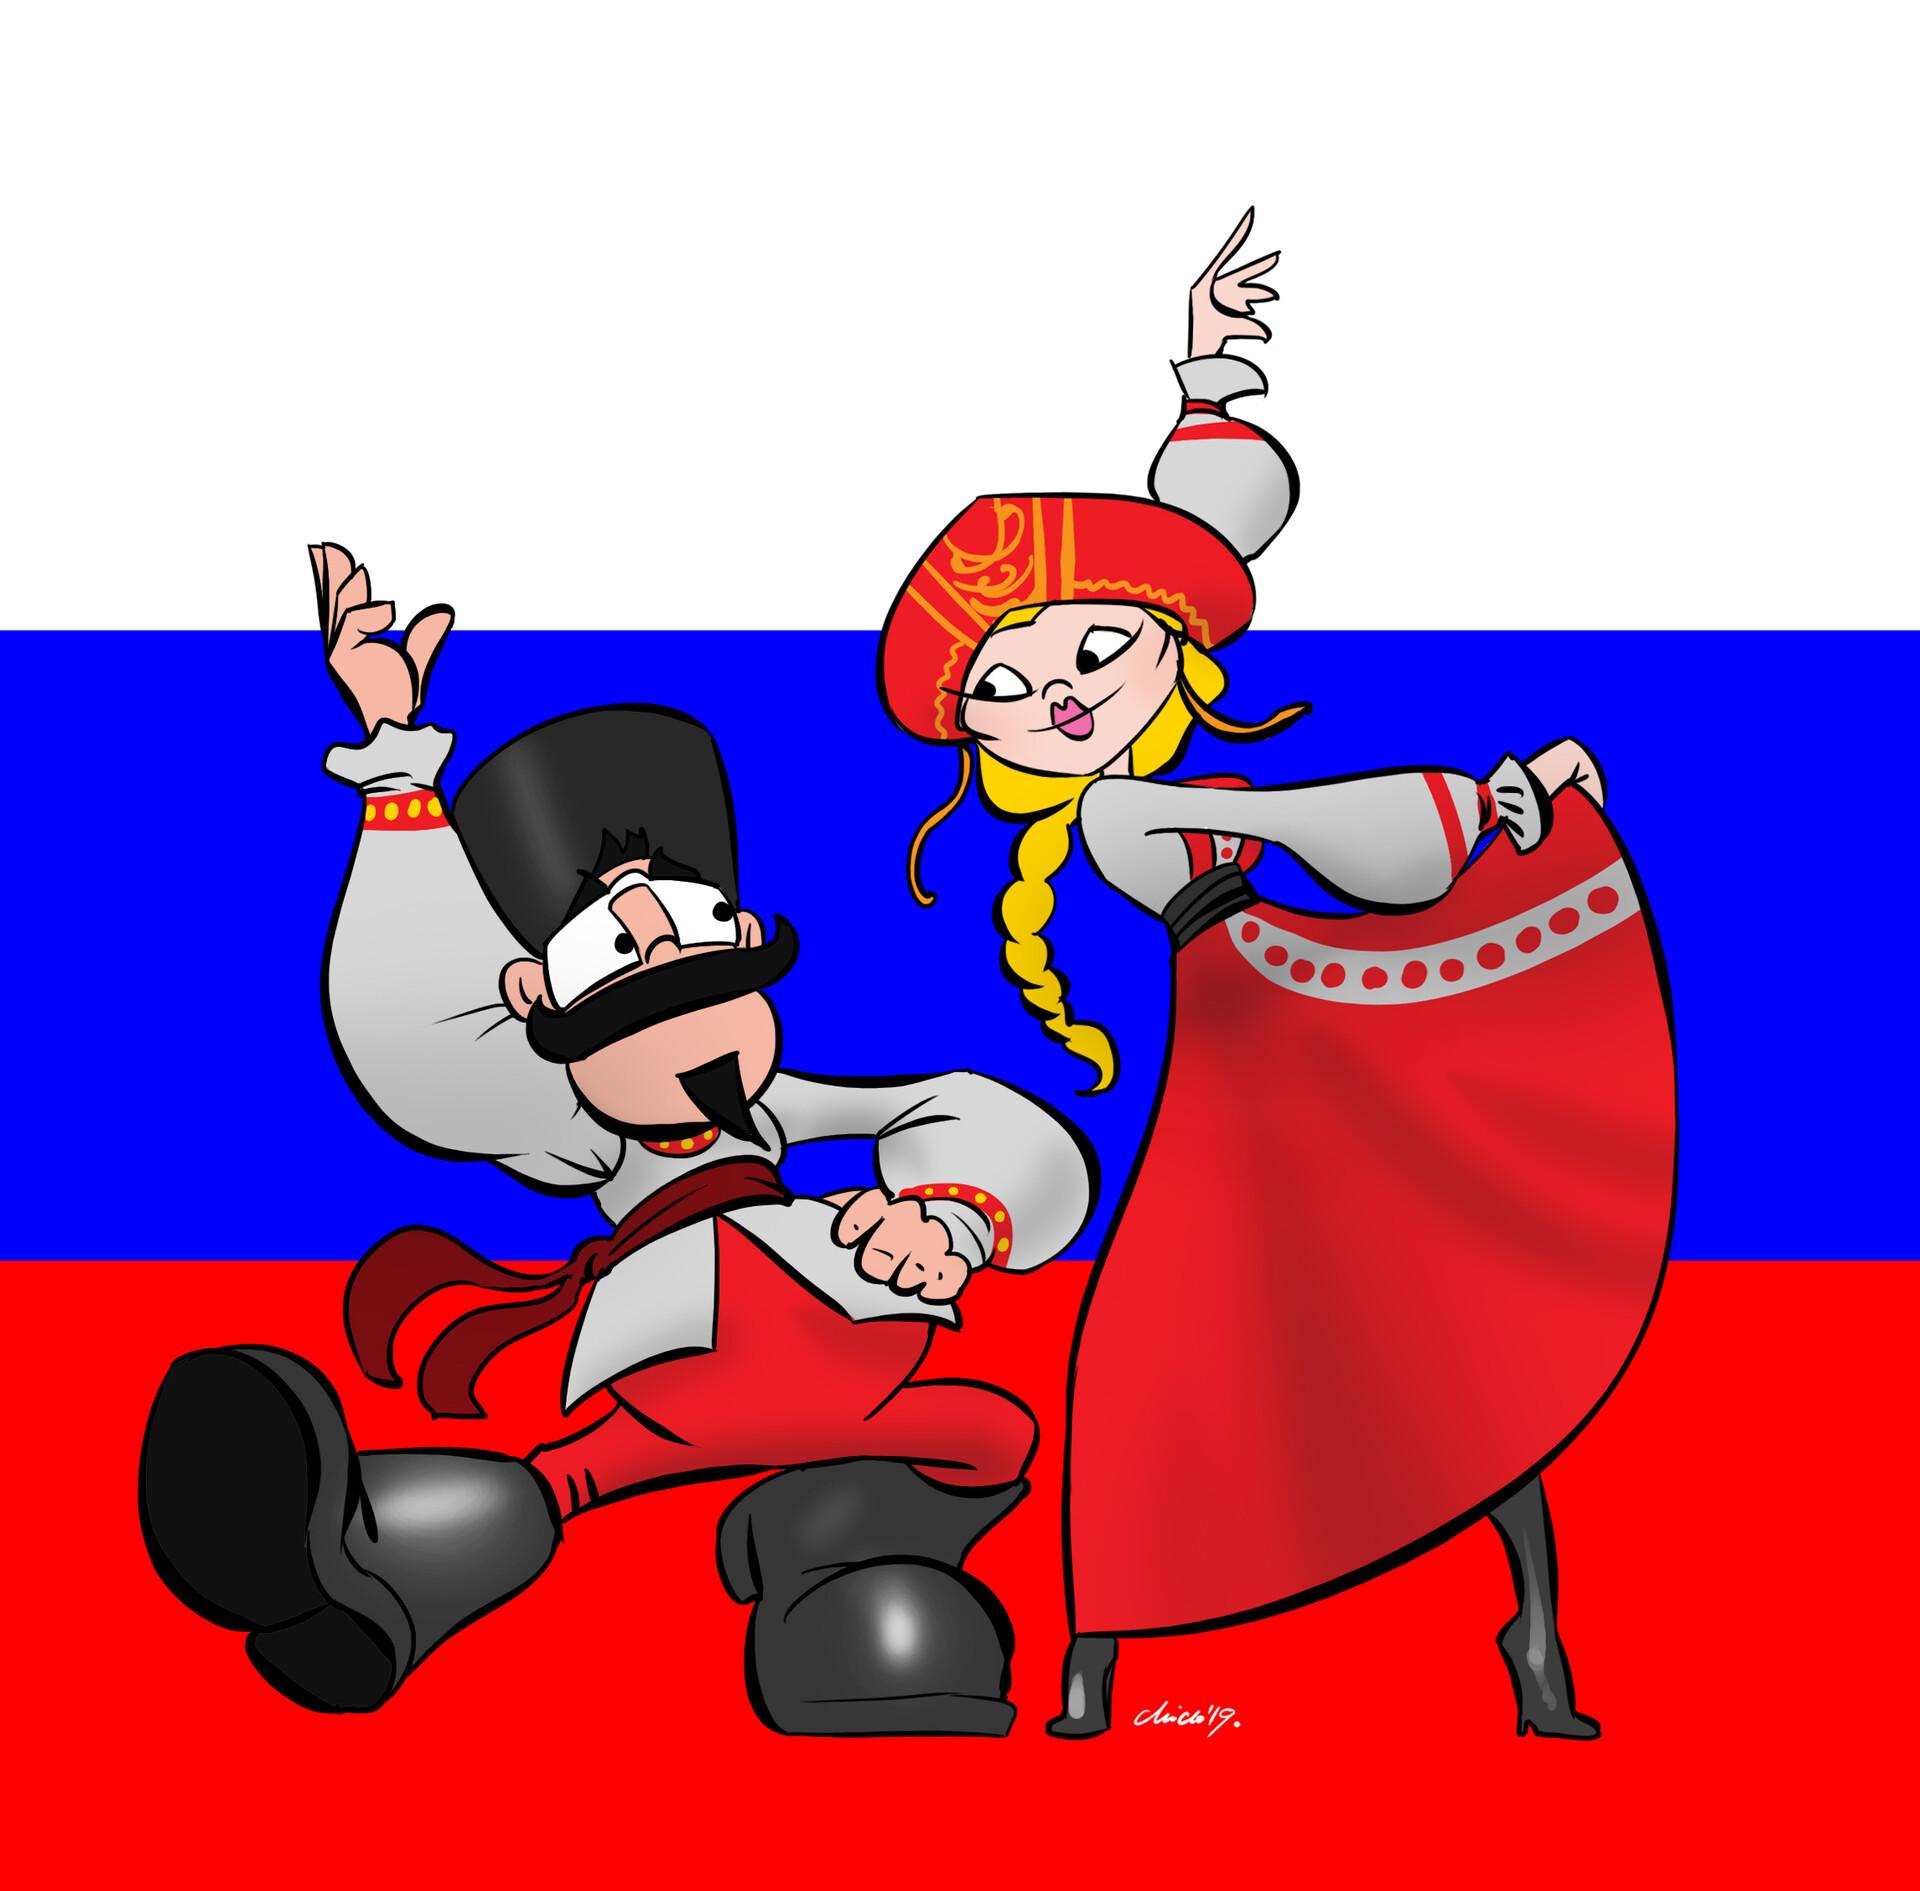 Russian joy